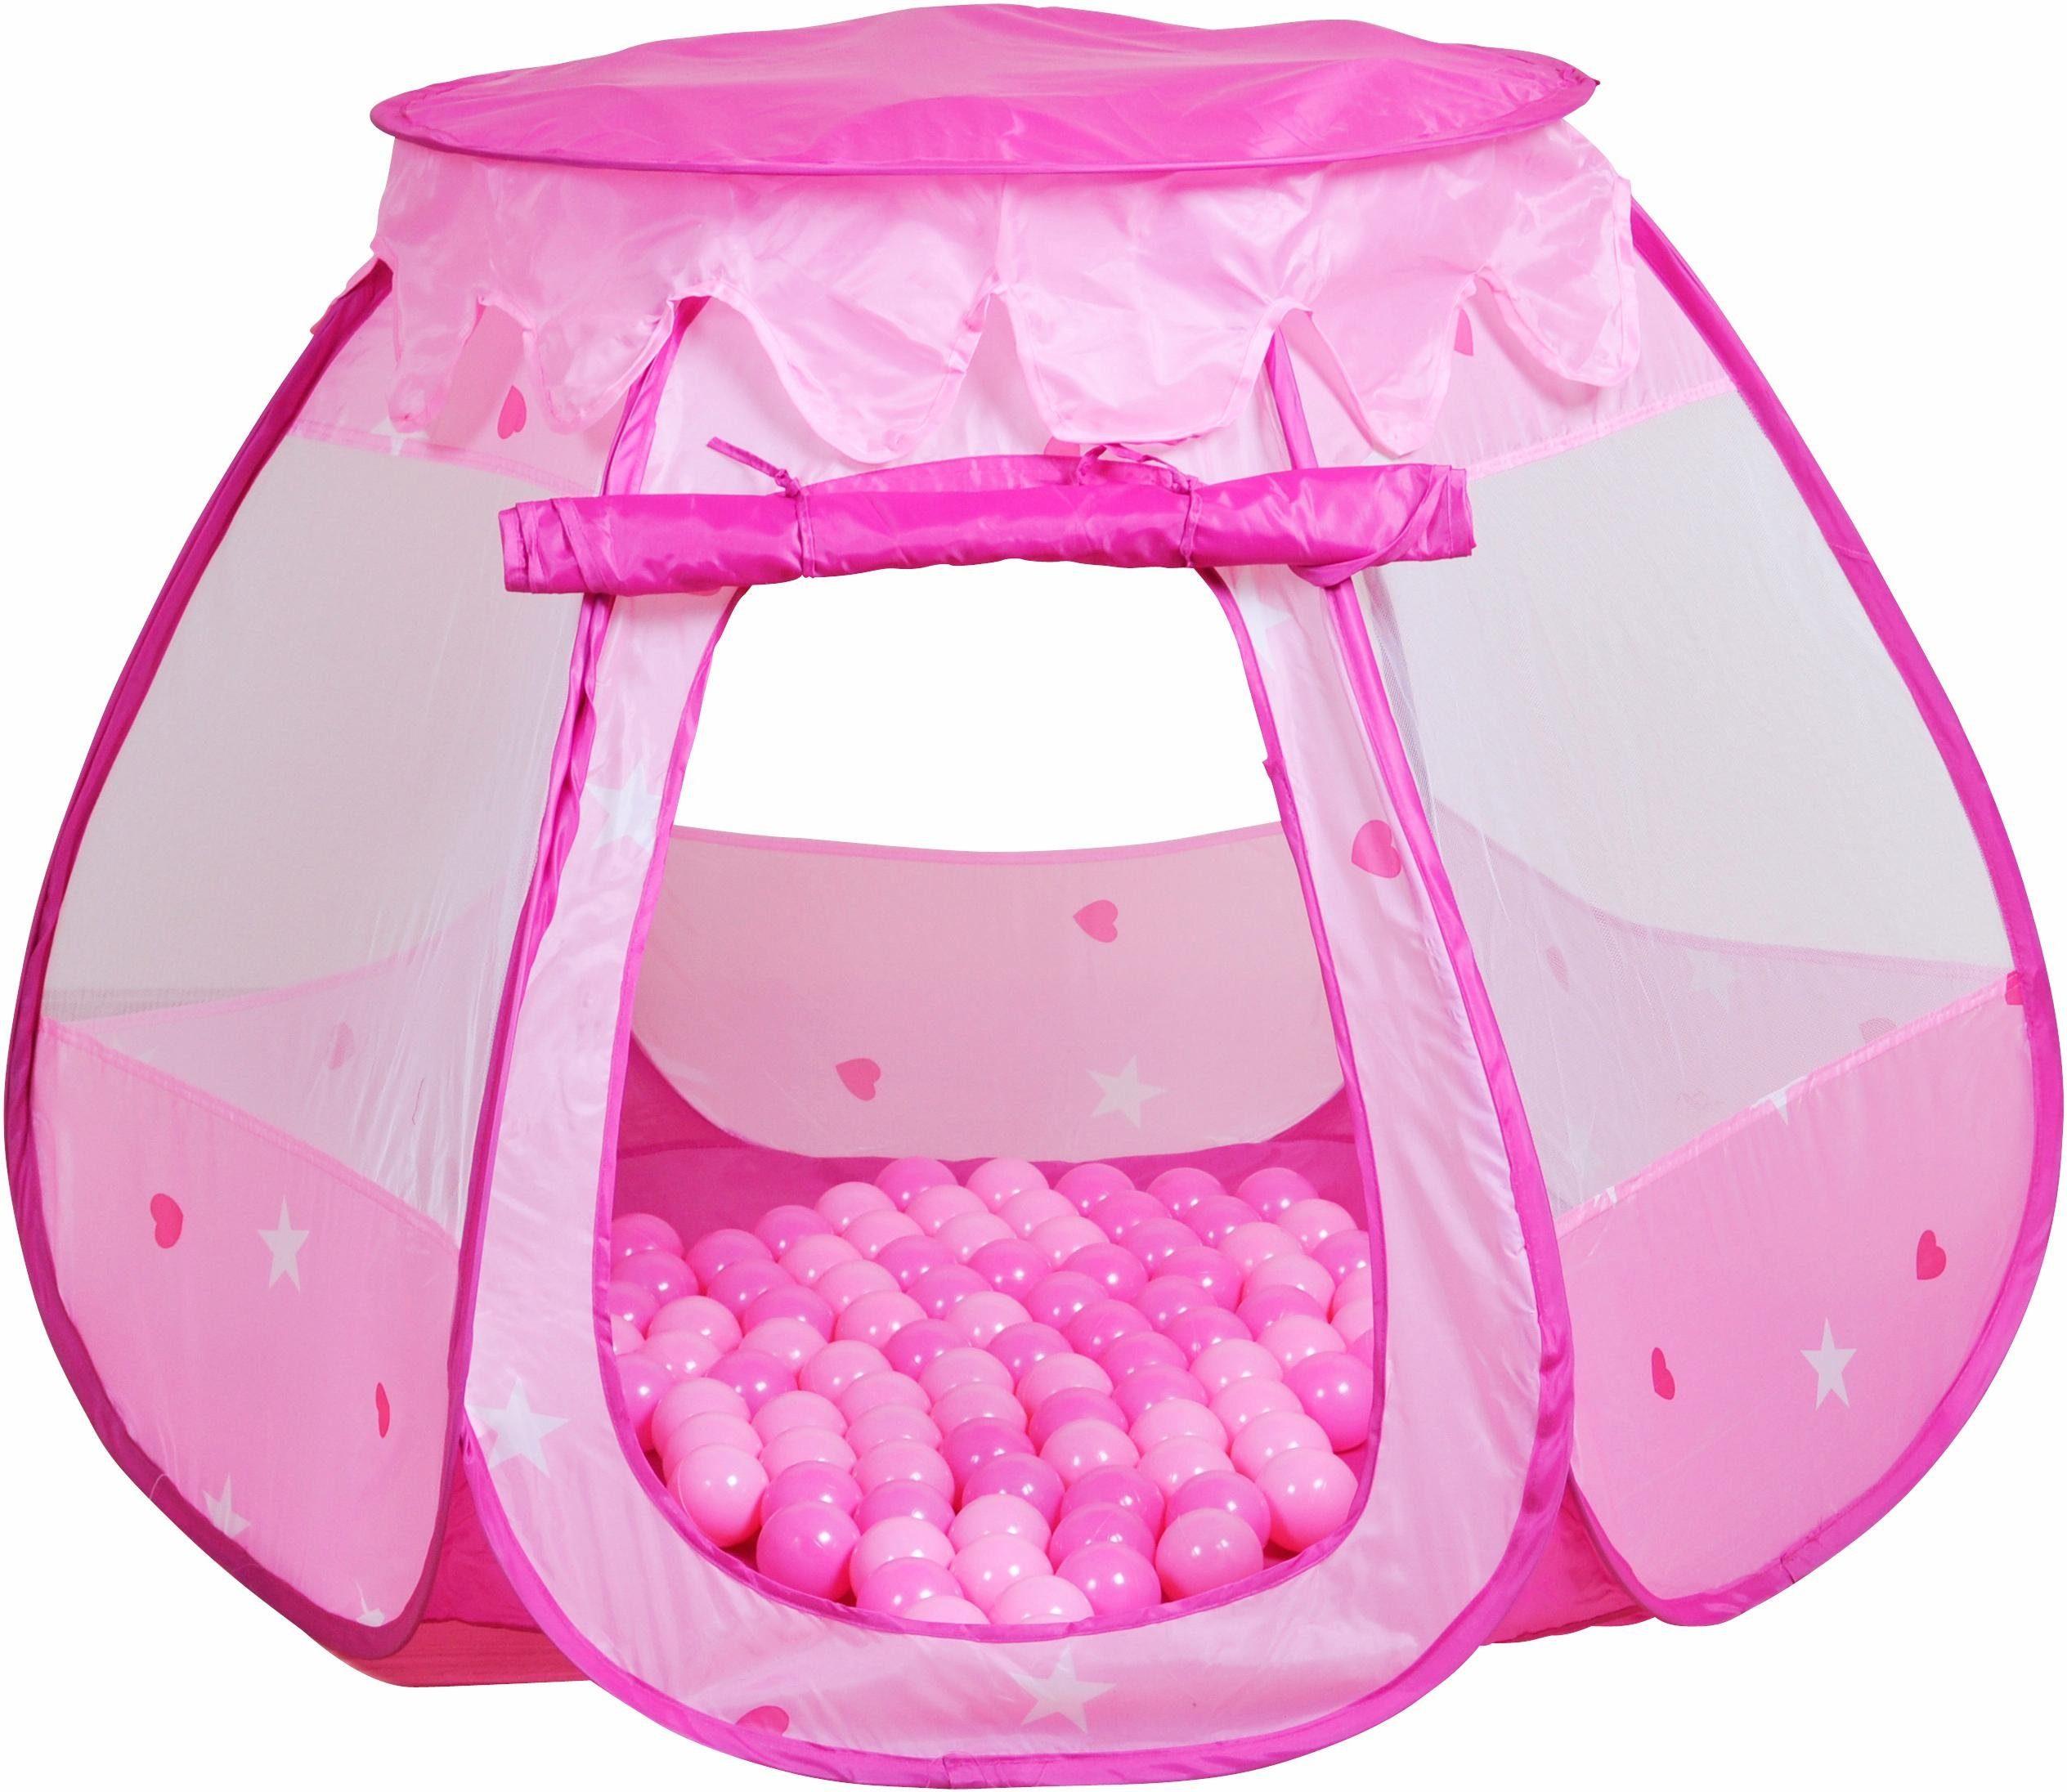 Kinderzelt und Bällebad mit 100 Bällen, »Bella«, knorr toys